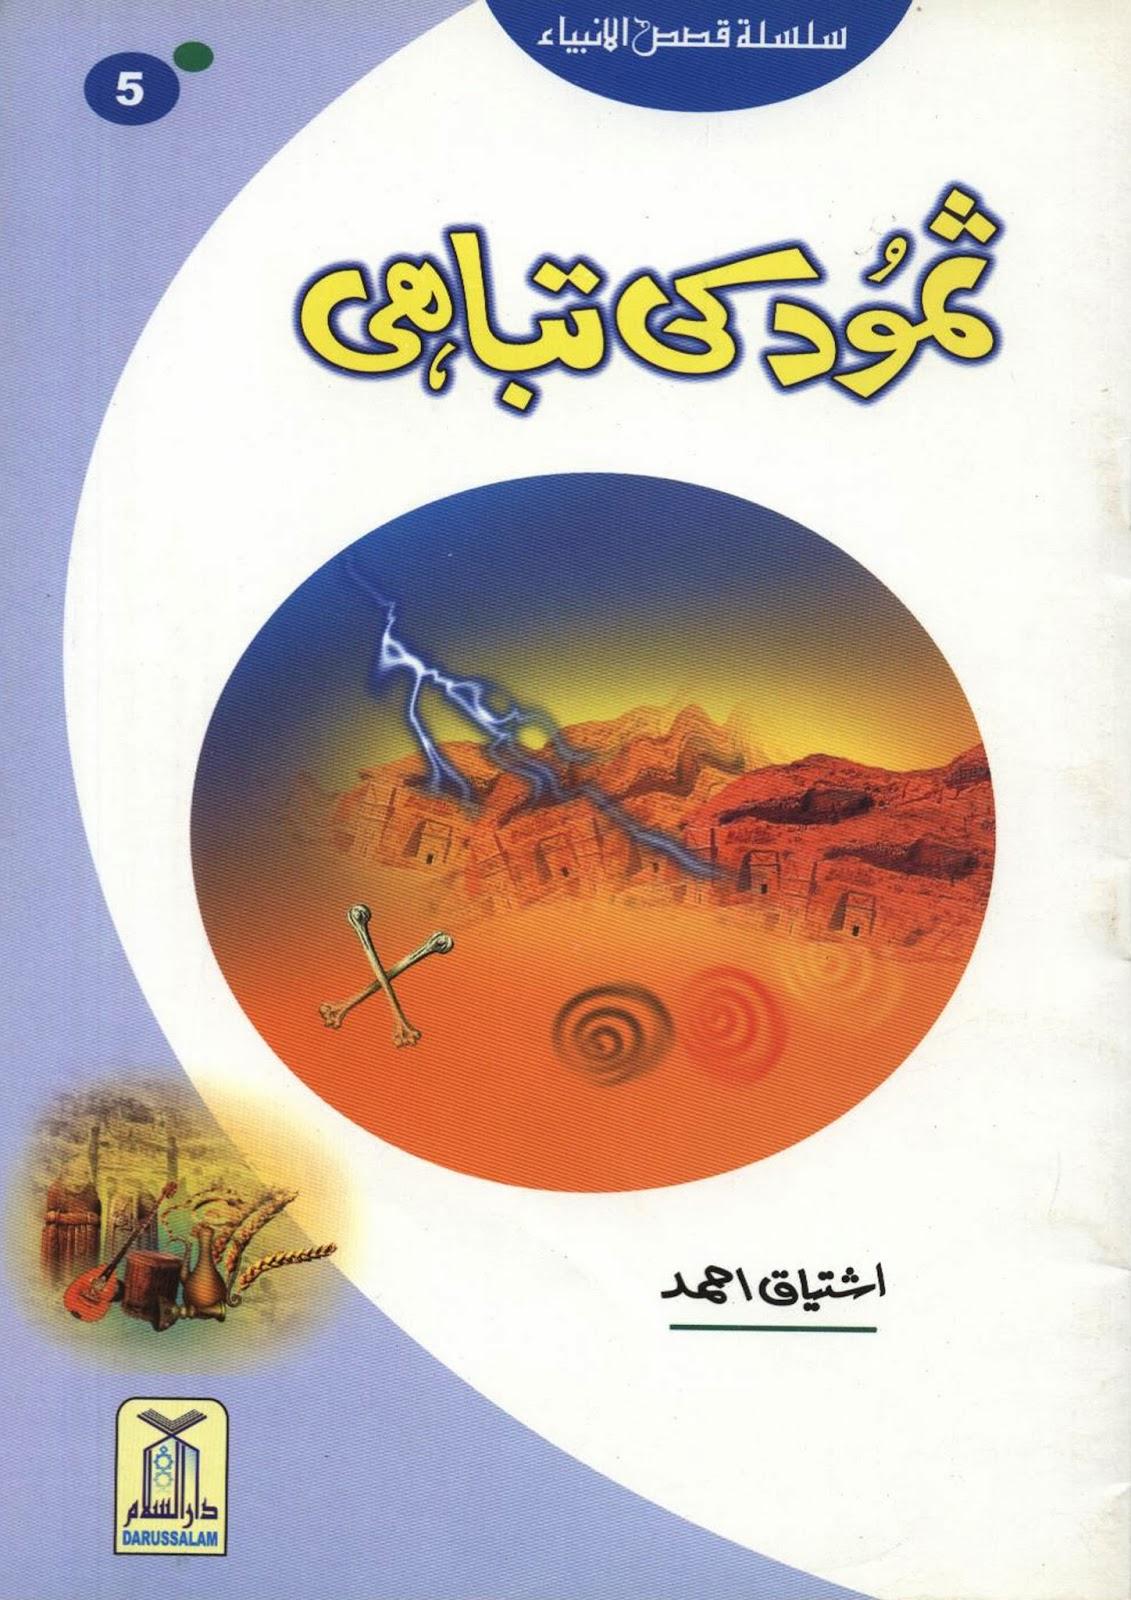 http://urduguru1.blogspot.com/2014/03/samood-ki-tabahi-salah-as.html